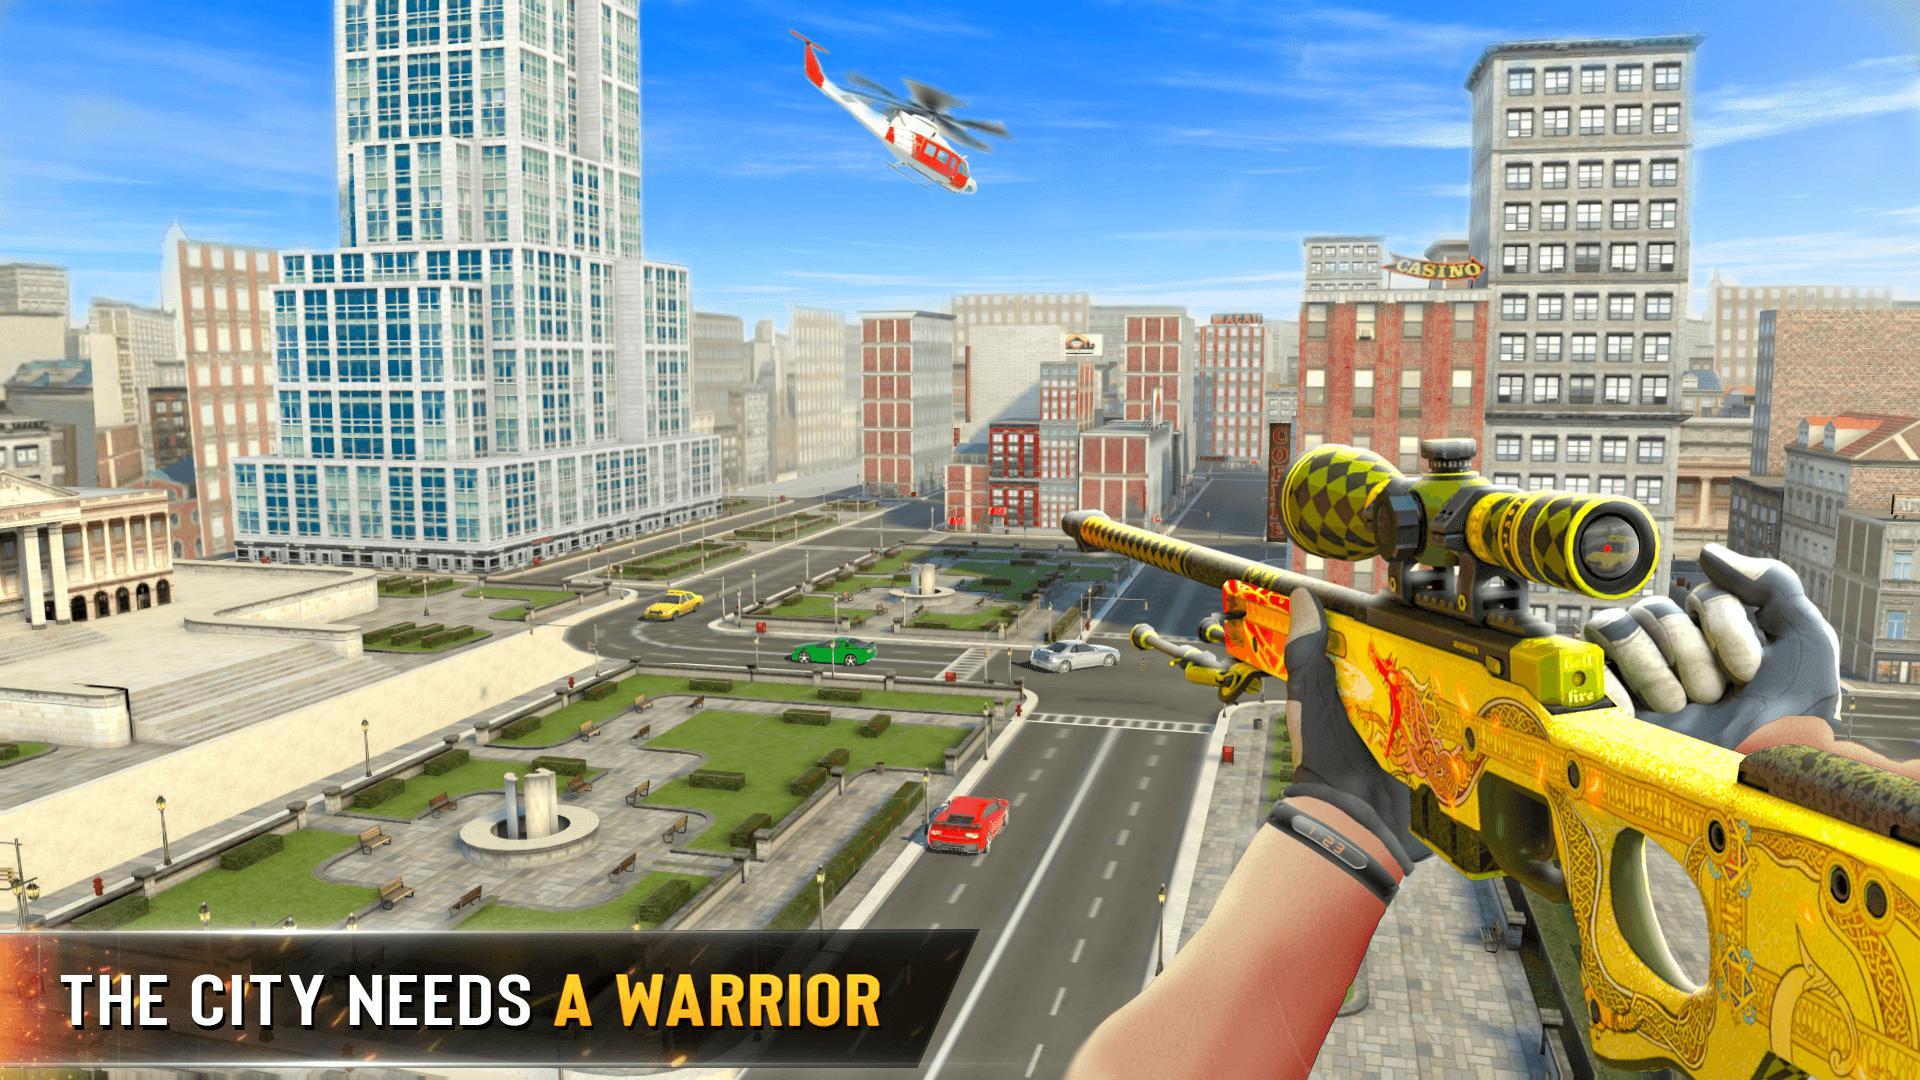 New Sniper Shooter: Free offline 3D shooting games 1.78 Screenshot 6